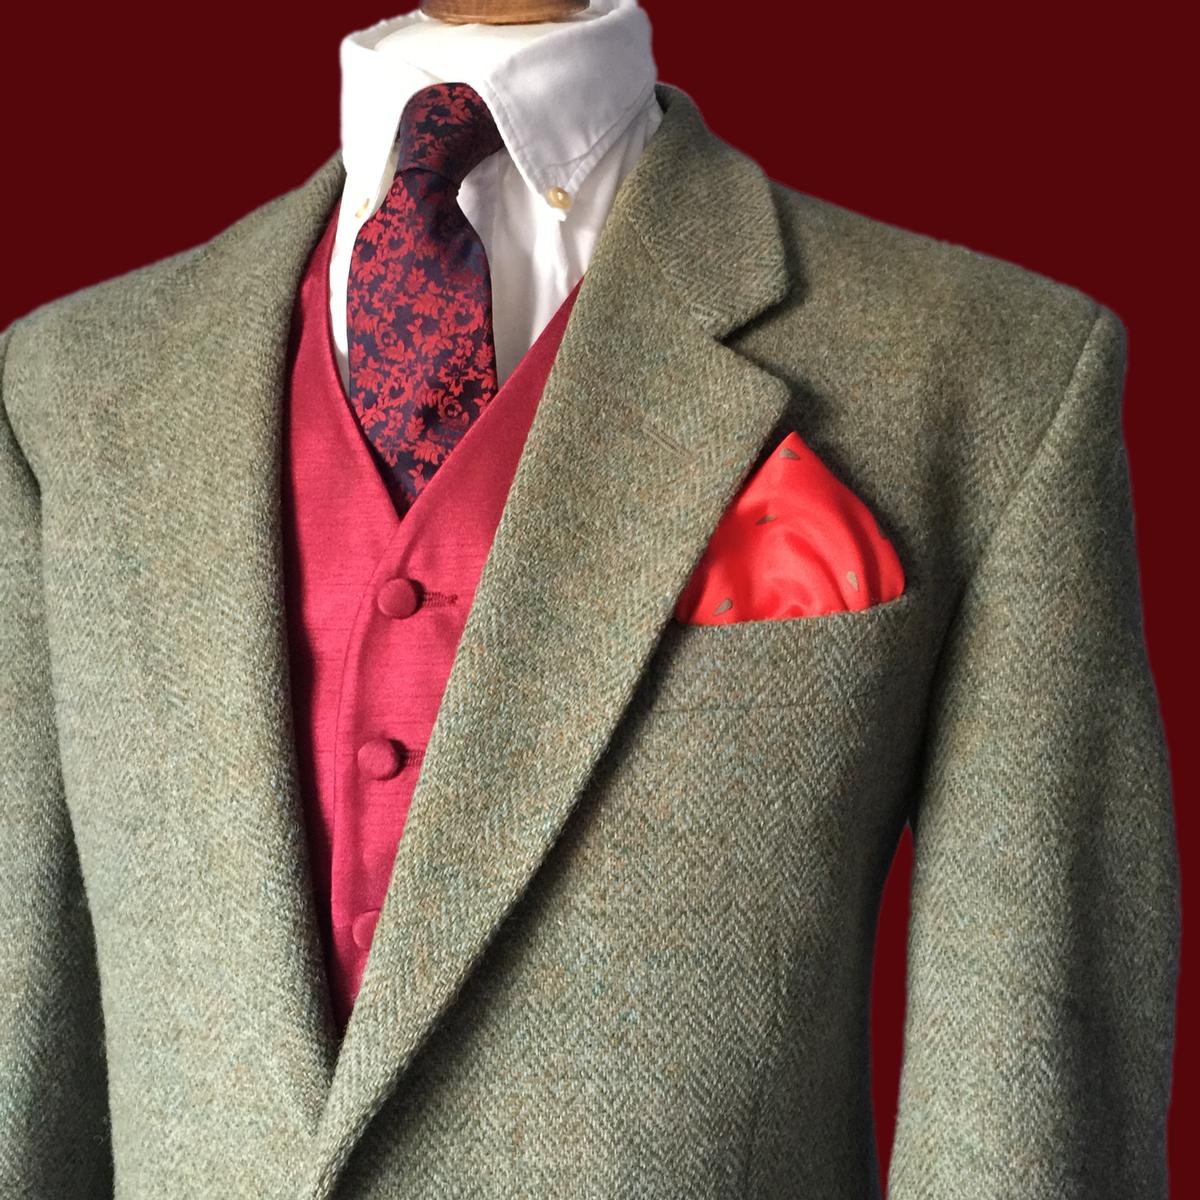 The Ambassador Suit Co